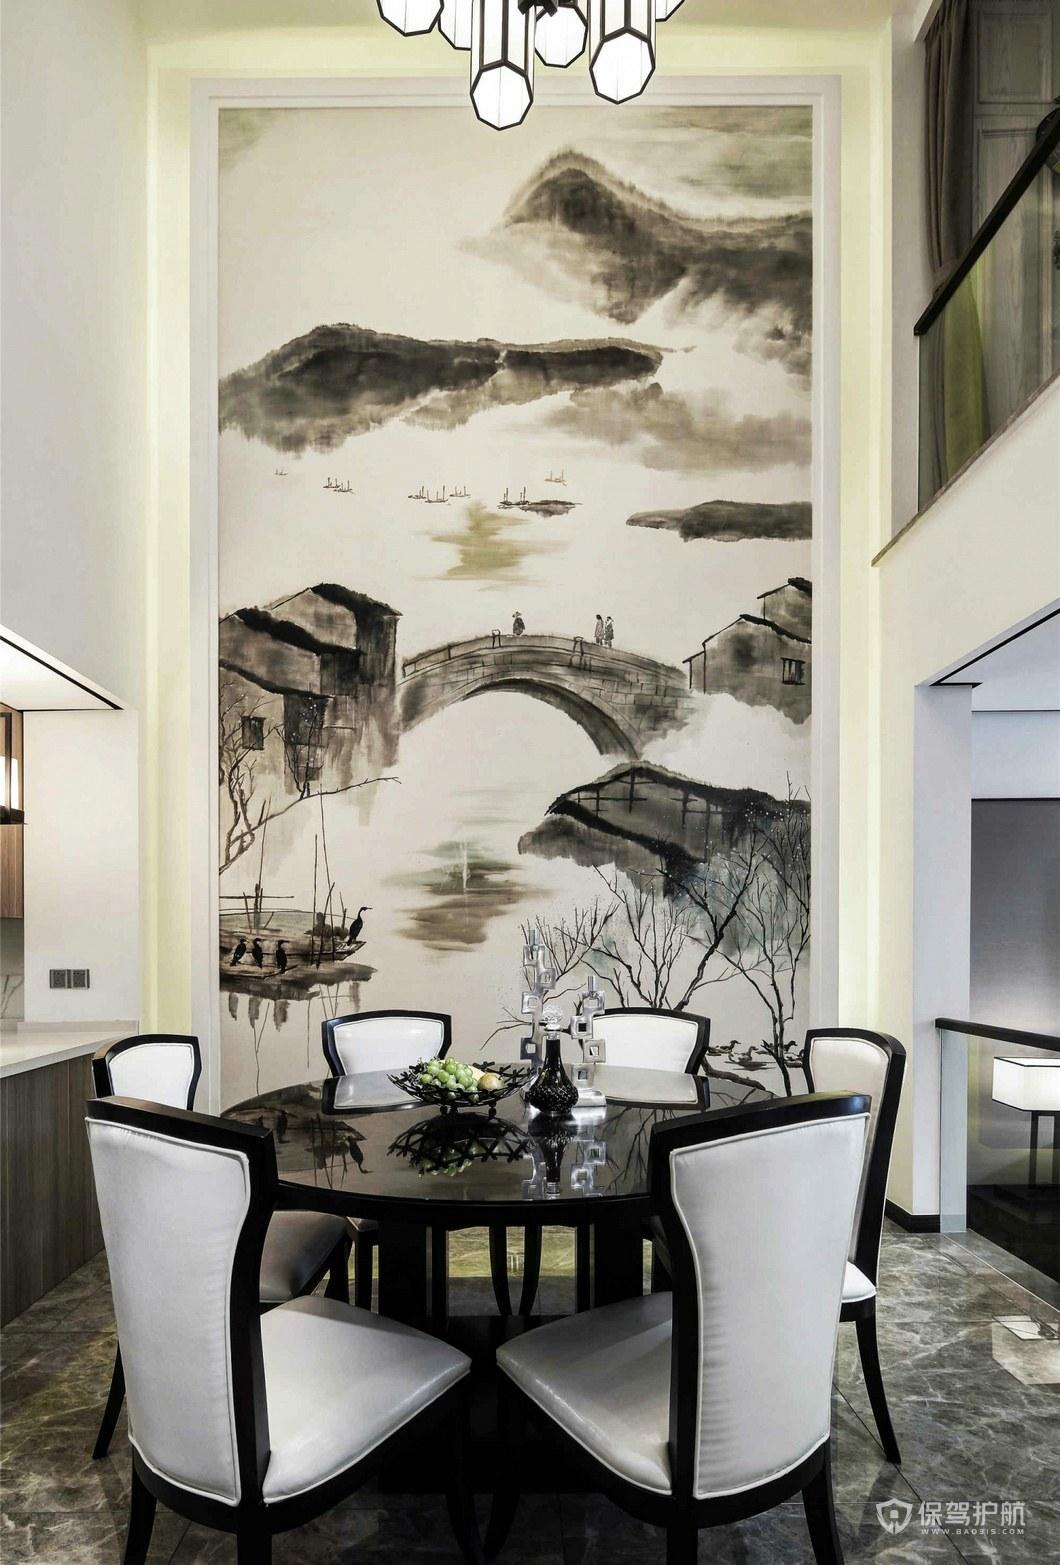 中式复式餐厅背景墙亚搏体育平台app效果图